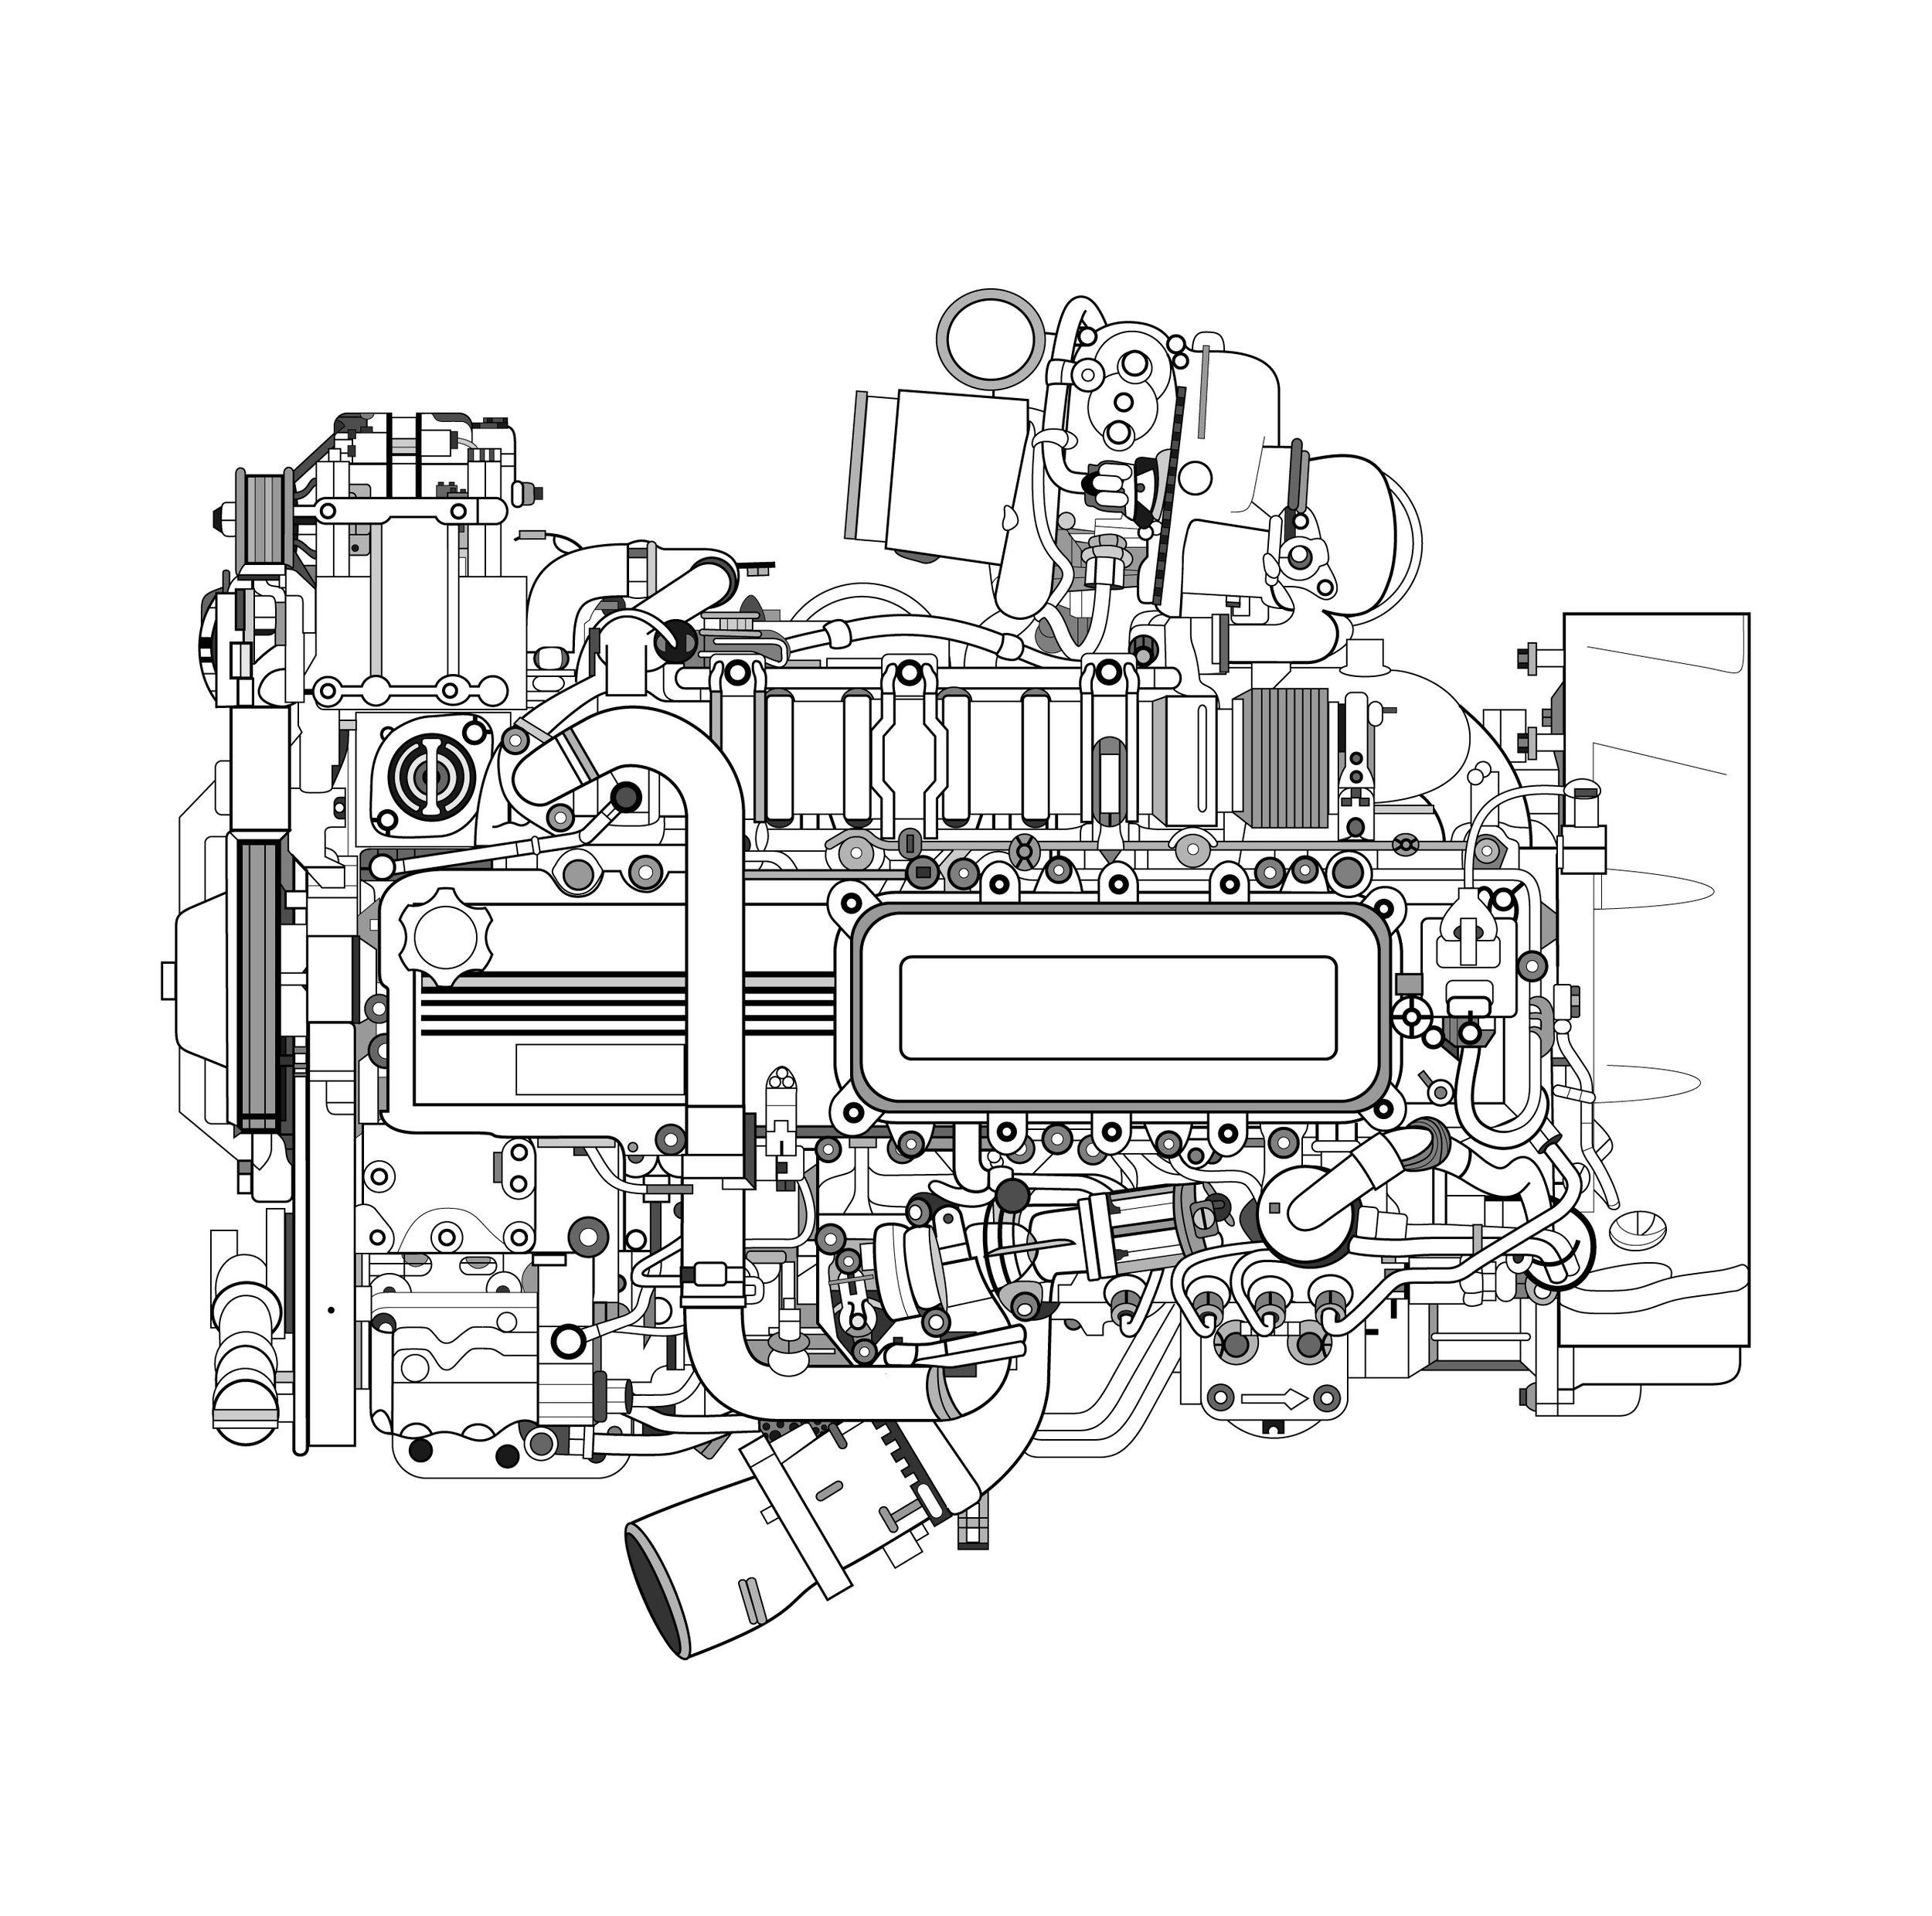 Cummins L9 Engine - Top View.jpg